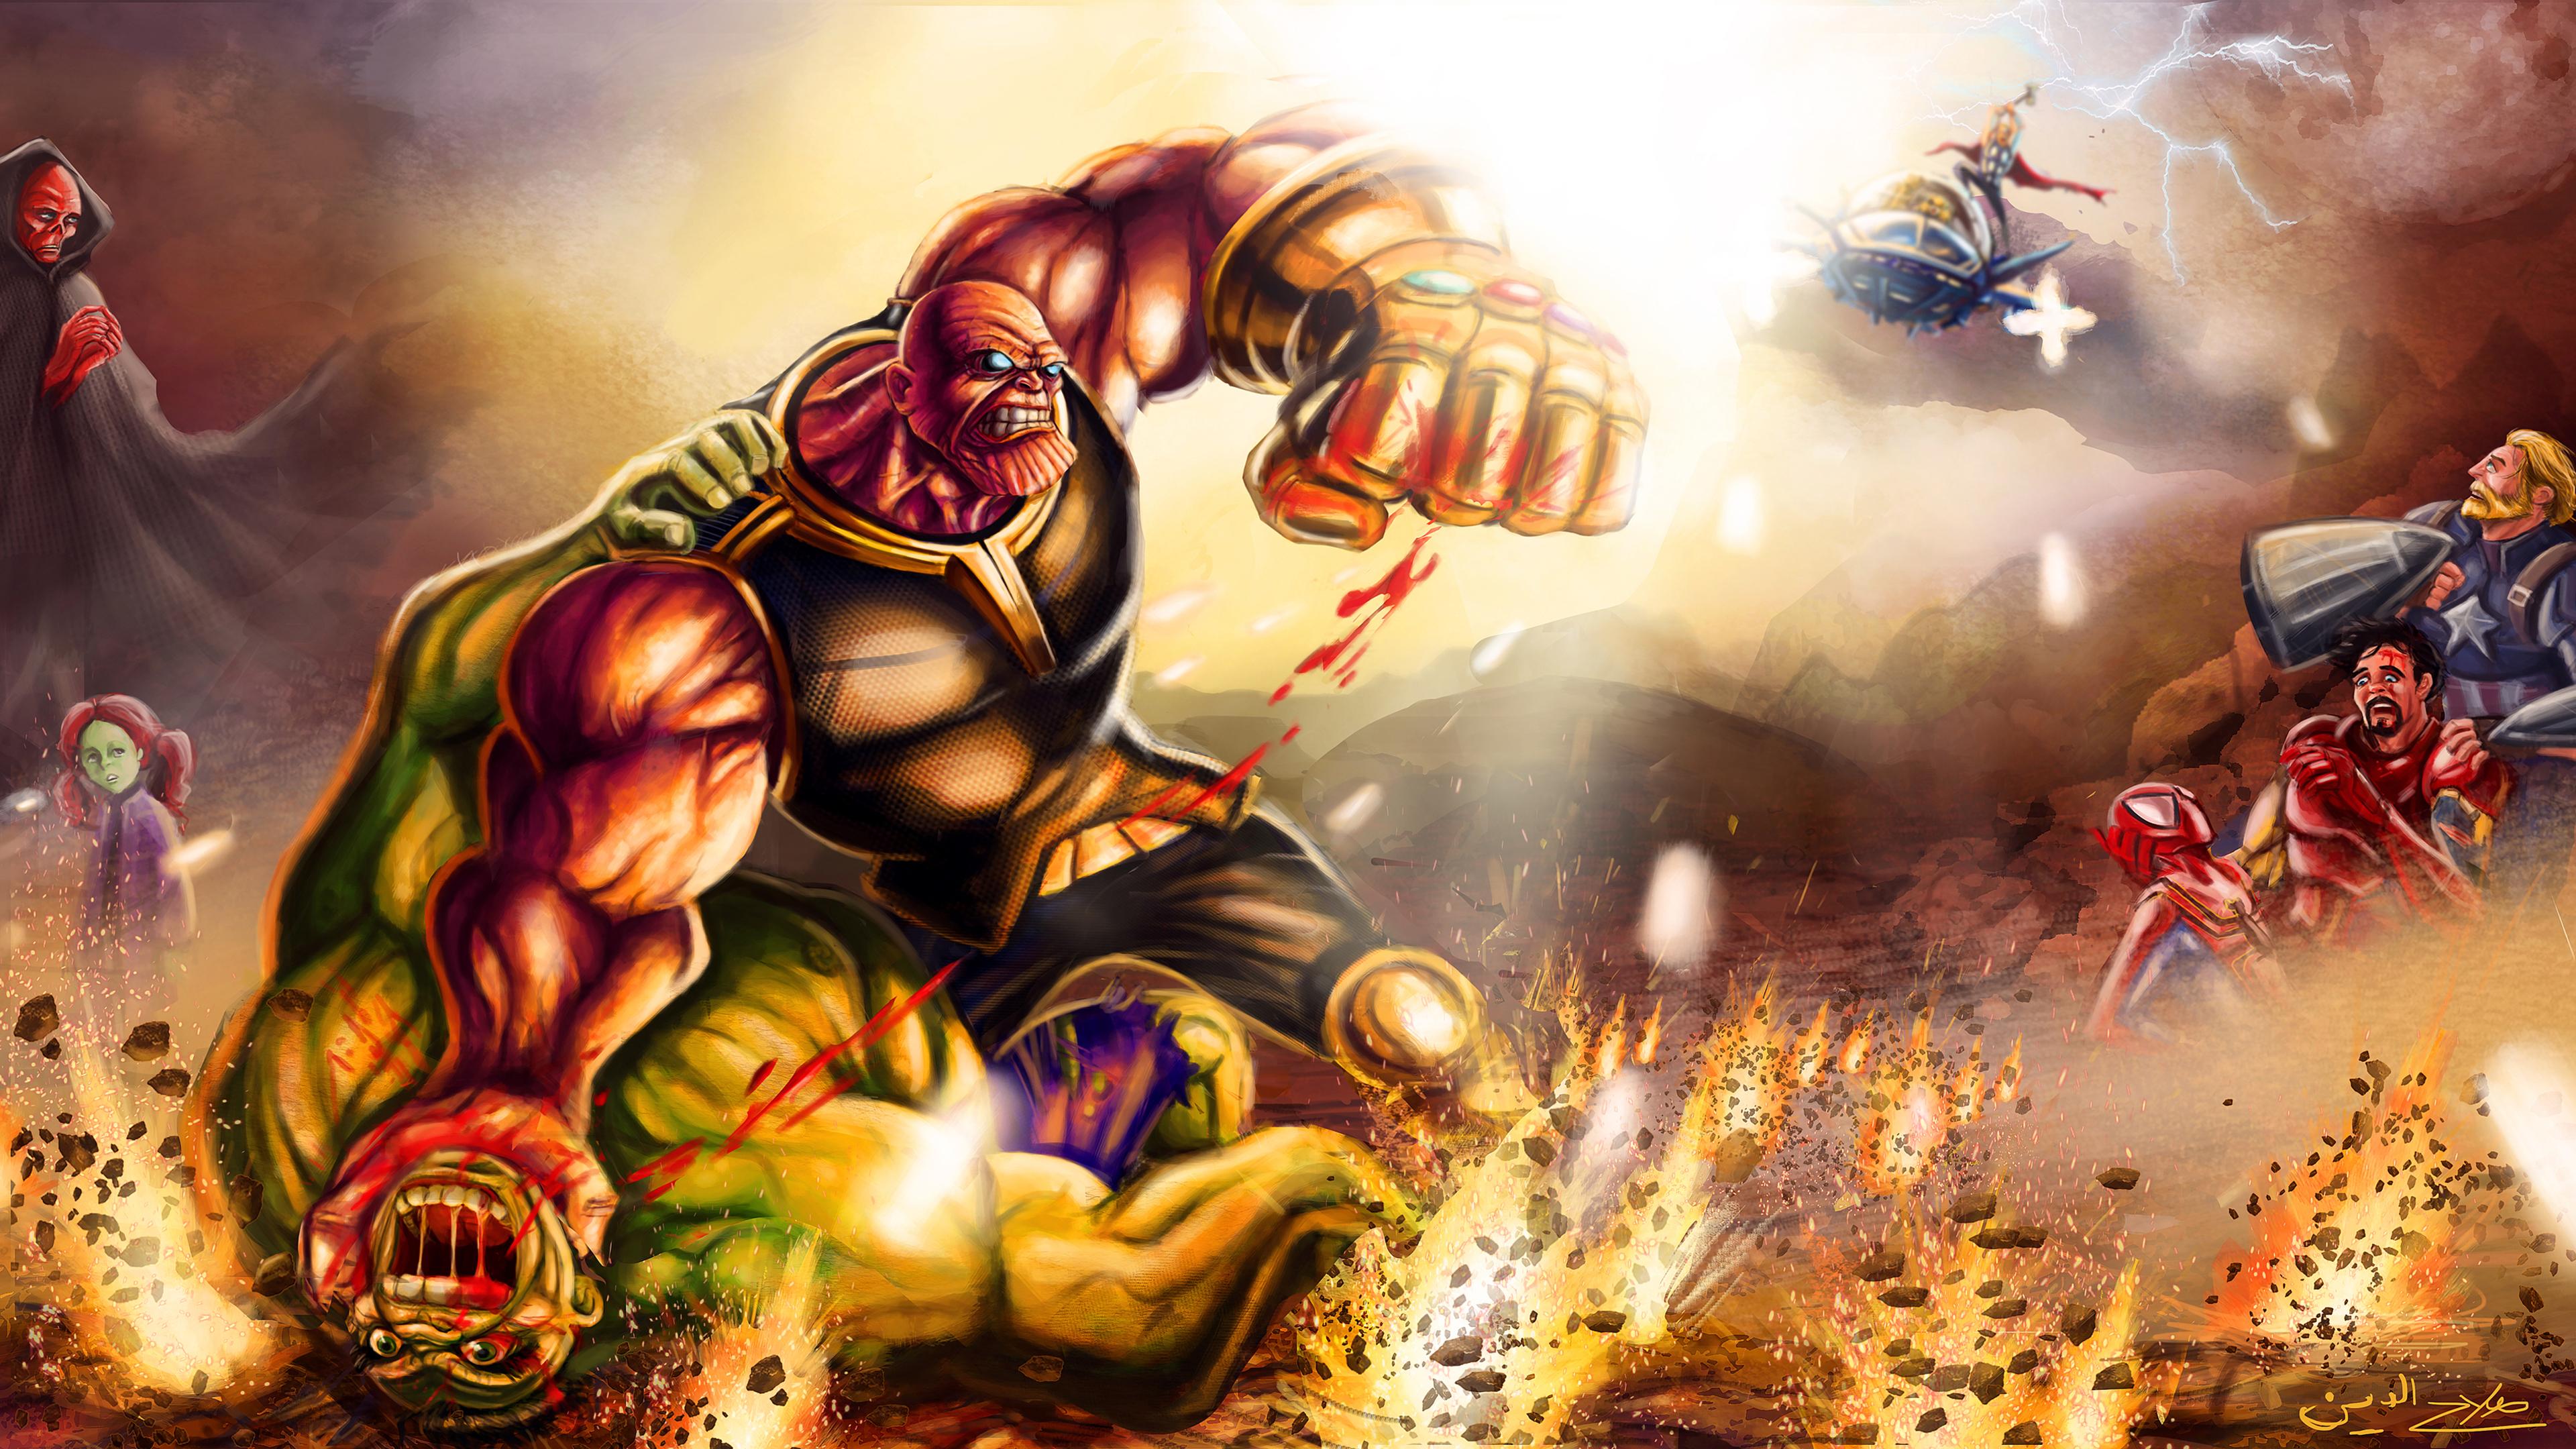 Wallpaper 4k Thanos Defeat Hulk Wallpaper 3840x2160